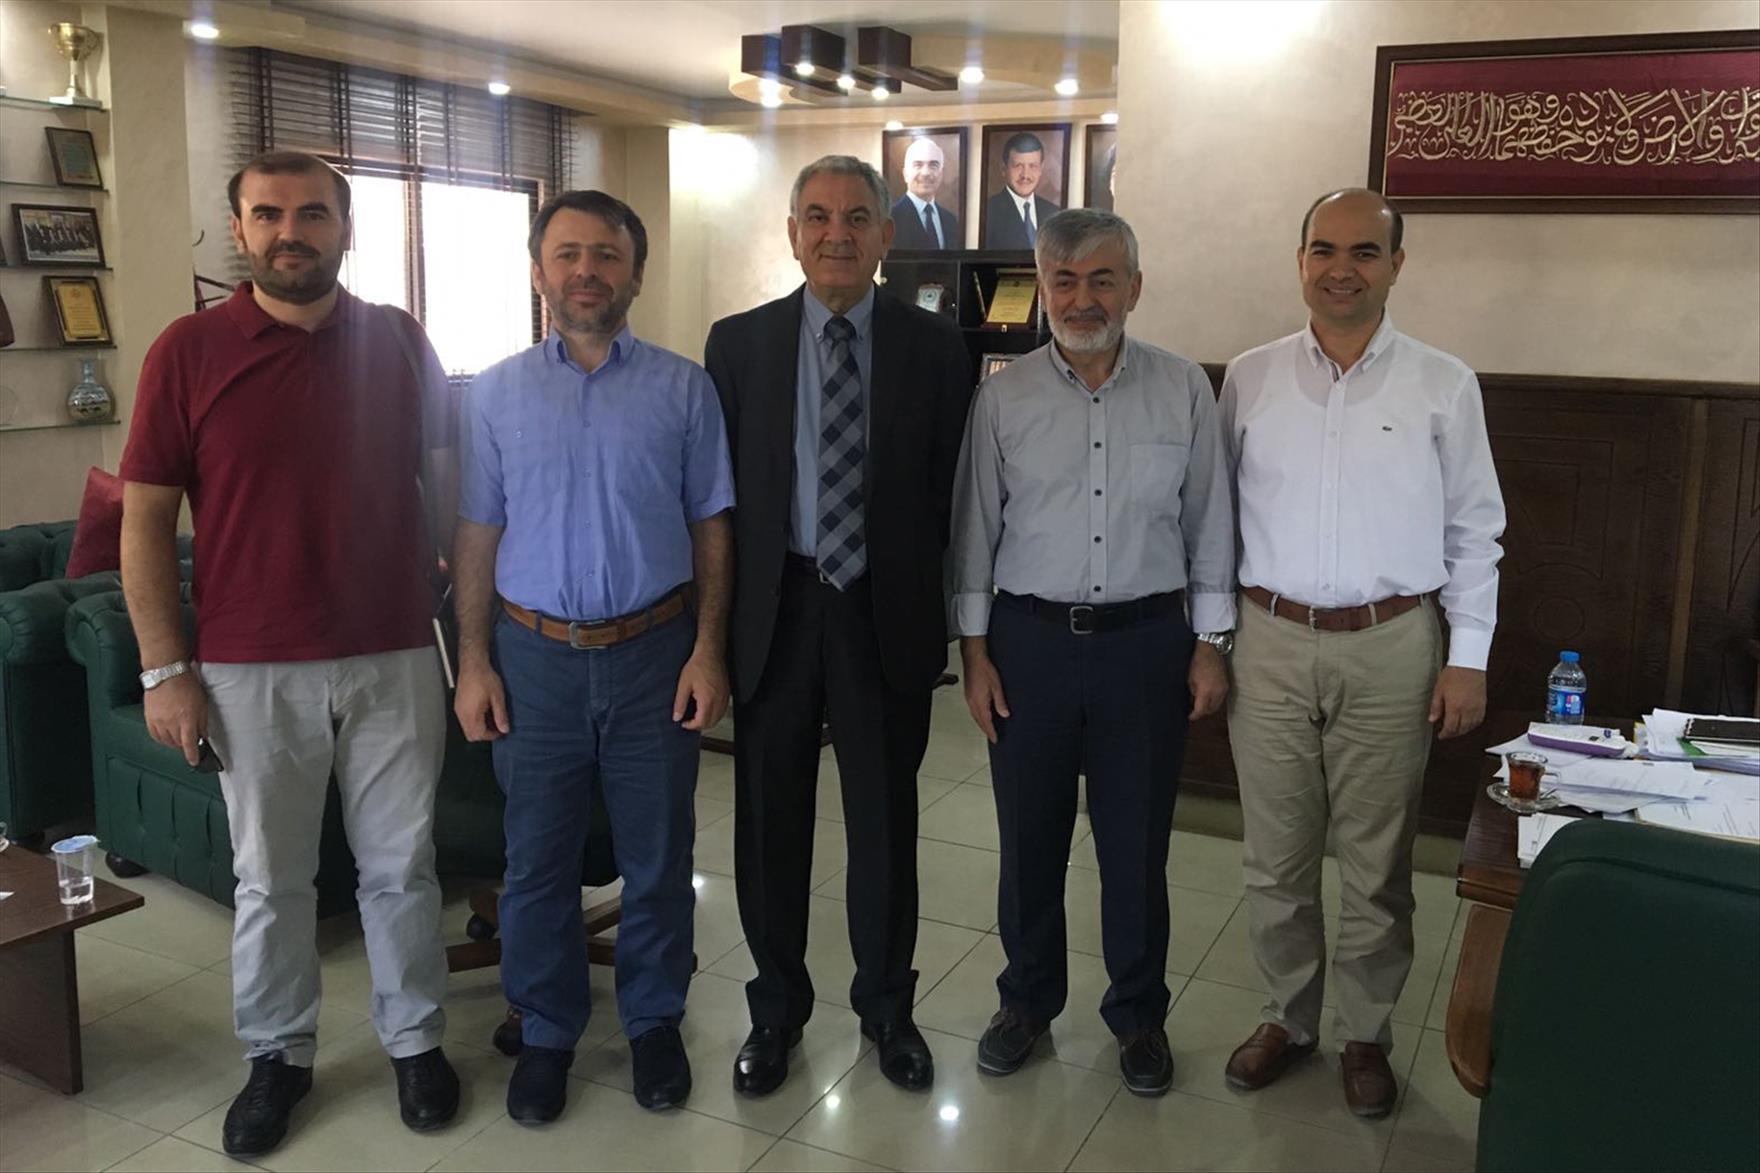 Pamukkale Üniversitesi ile Jerash Üniversitesi Arasında Mevlana Değişim Programı Protokolü İmzalandı 1. resim